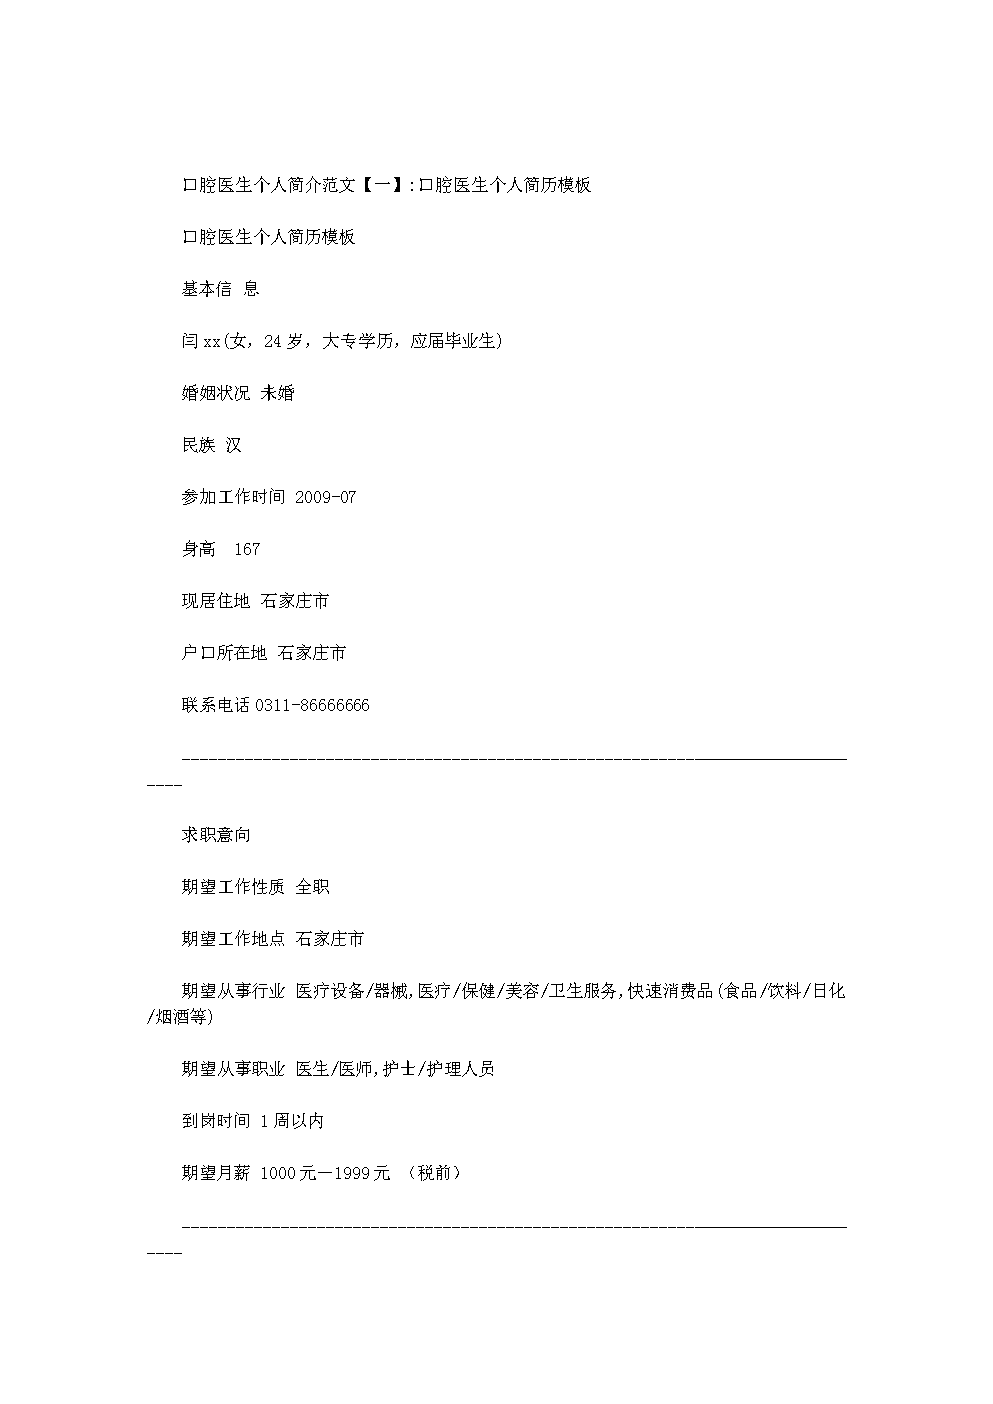 口腔医生个人简介范文.doc